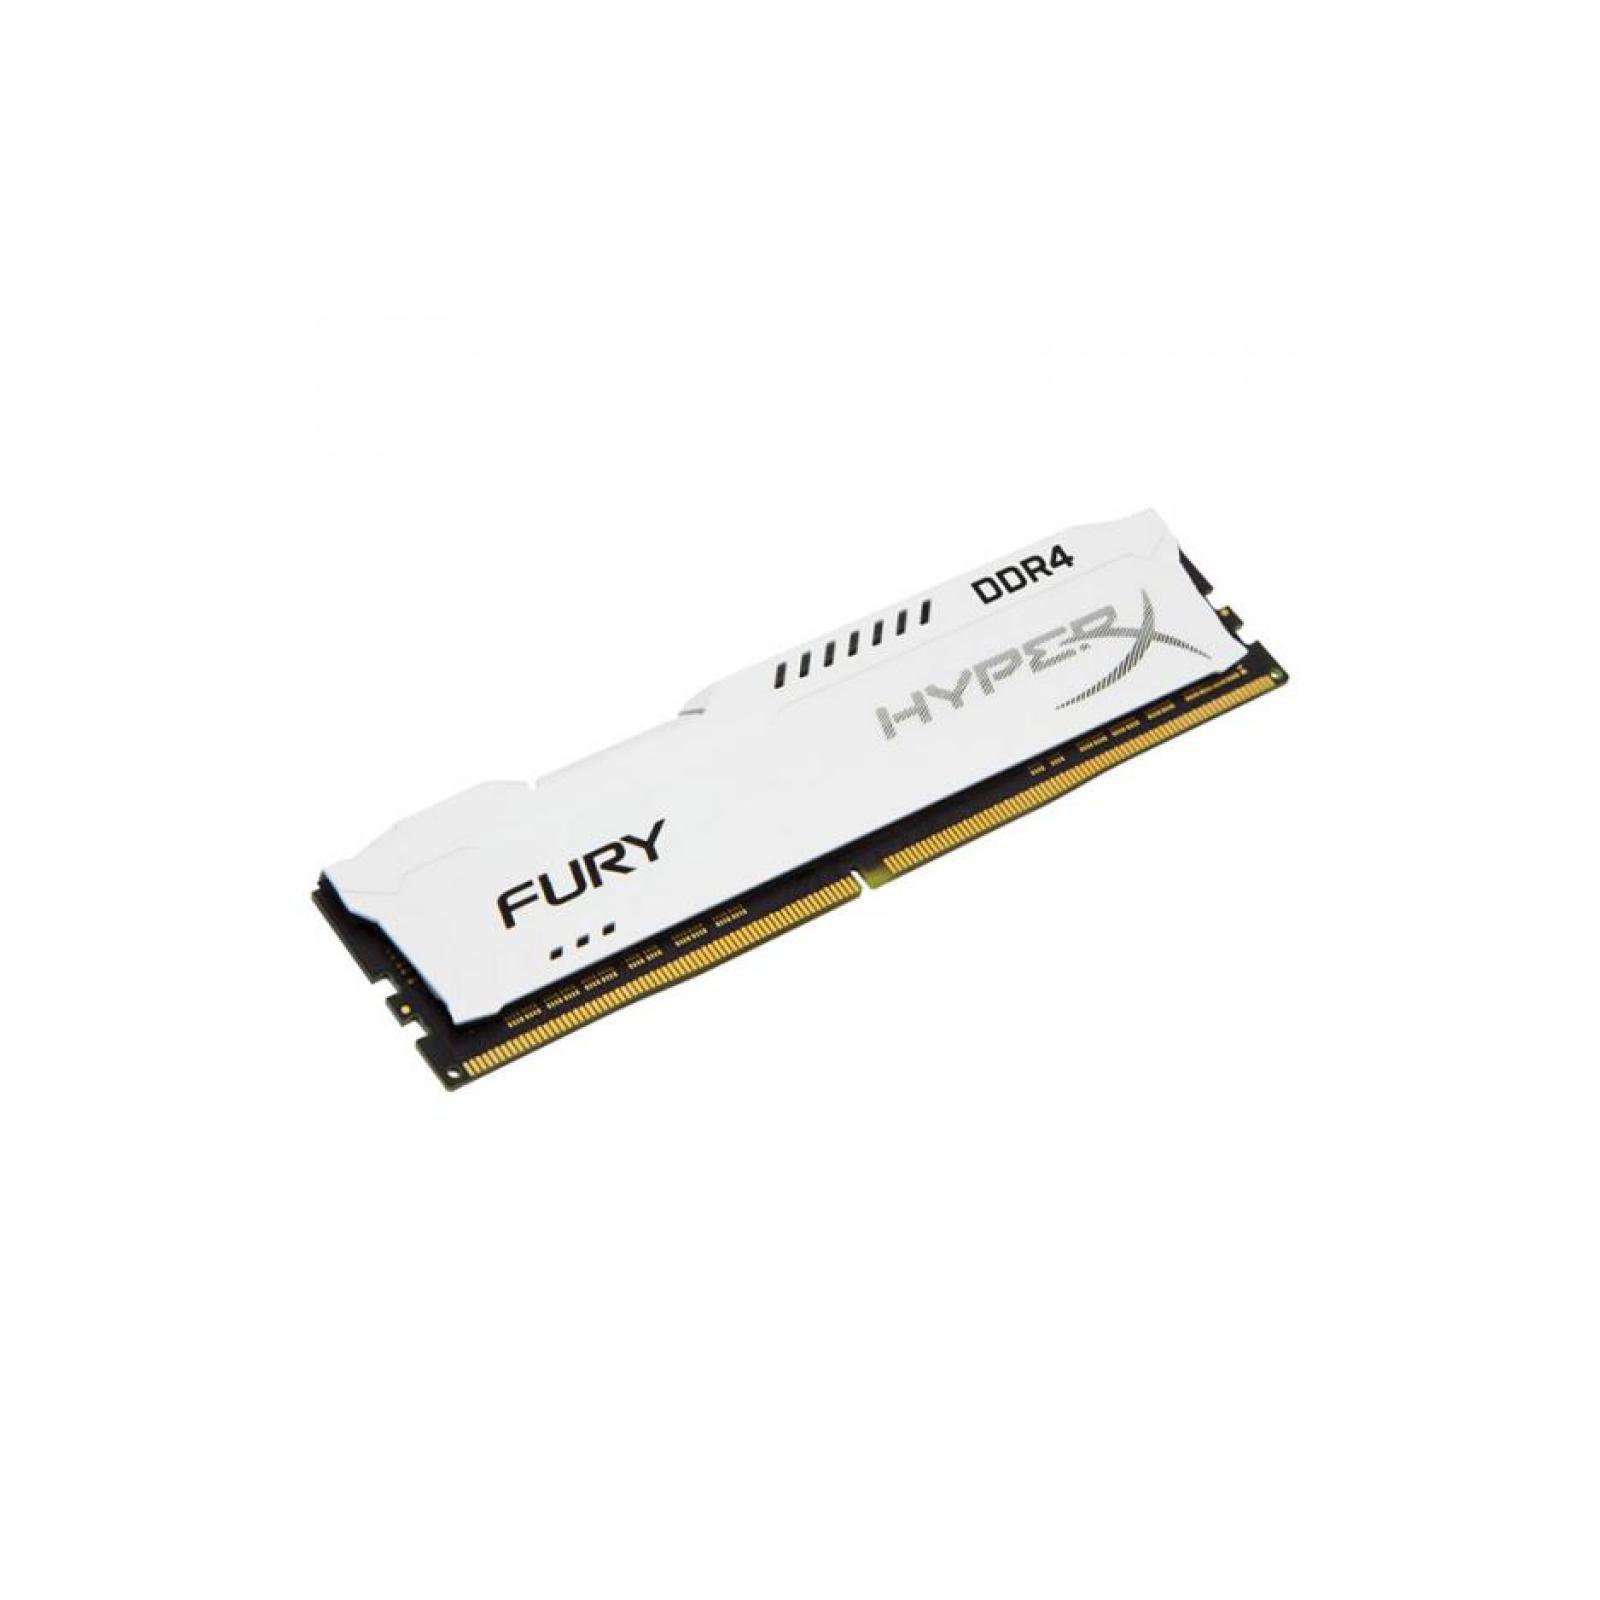 Модуль памяти для компьютера DDR4 16GB 3466 MHz HyperX FURY White HyperX (Kingston Fury) (HX434C19FW/16) изображение 2